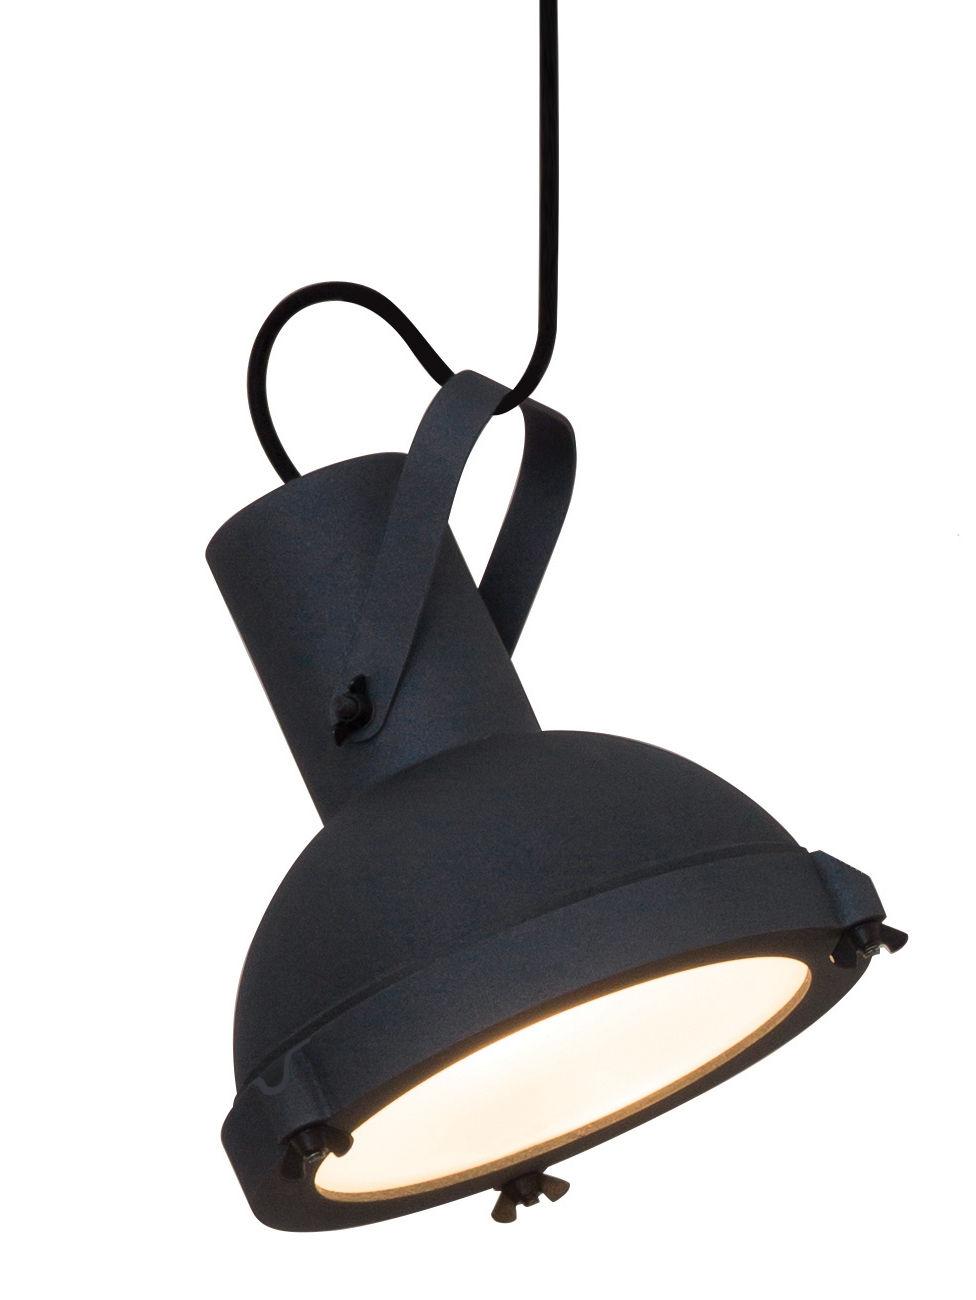 Luminaire - Suspensions - Suspension Projecteur 165 by Le Corbusier / Réédition 1954 - Nemo - Anthracite-bleu foncé - Aluminium peint, Verre opalin